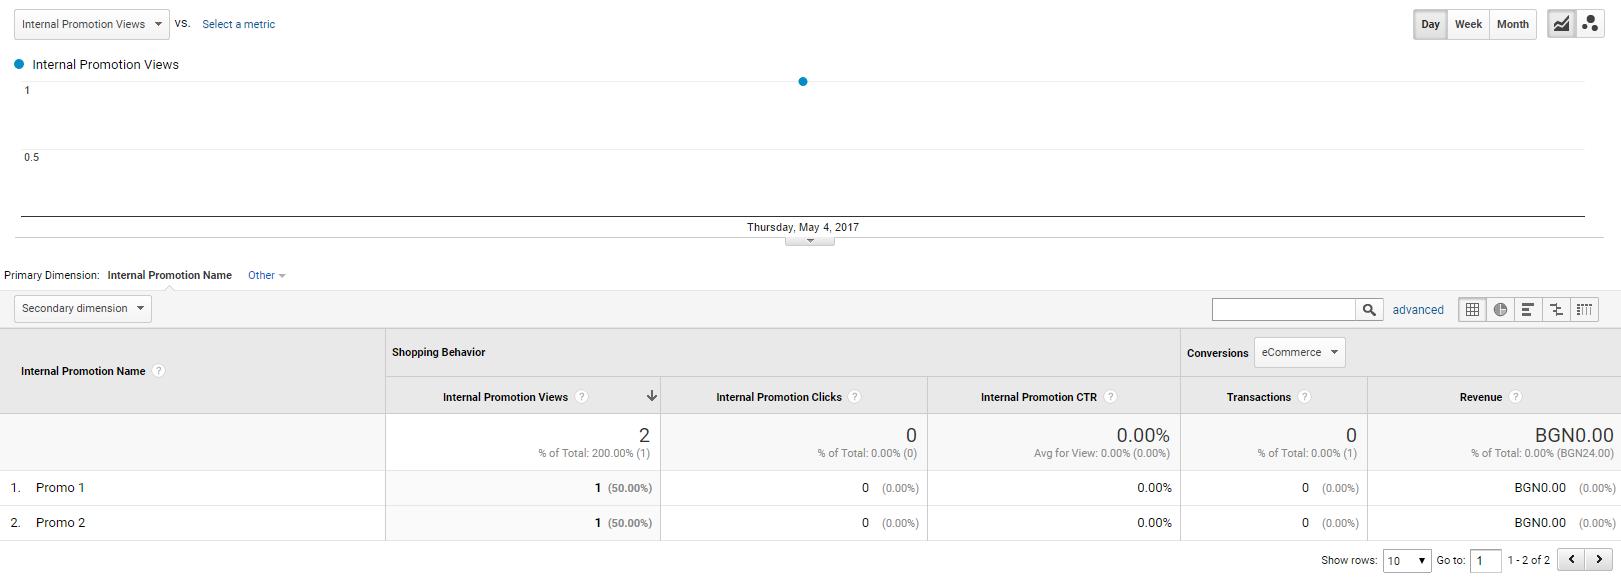 При изпращане на данни в отчета «Маркетинг» — «Вътрешно популяризиране» ще получим данни за преглежданията на банери в разрез име на вътрешната популяризация